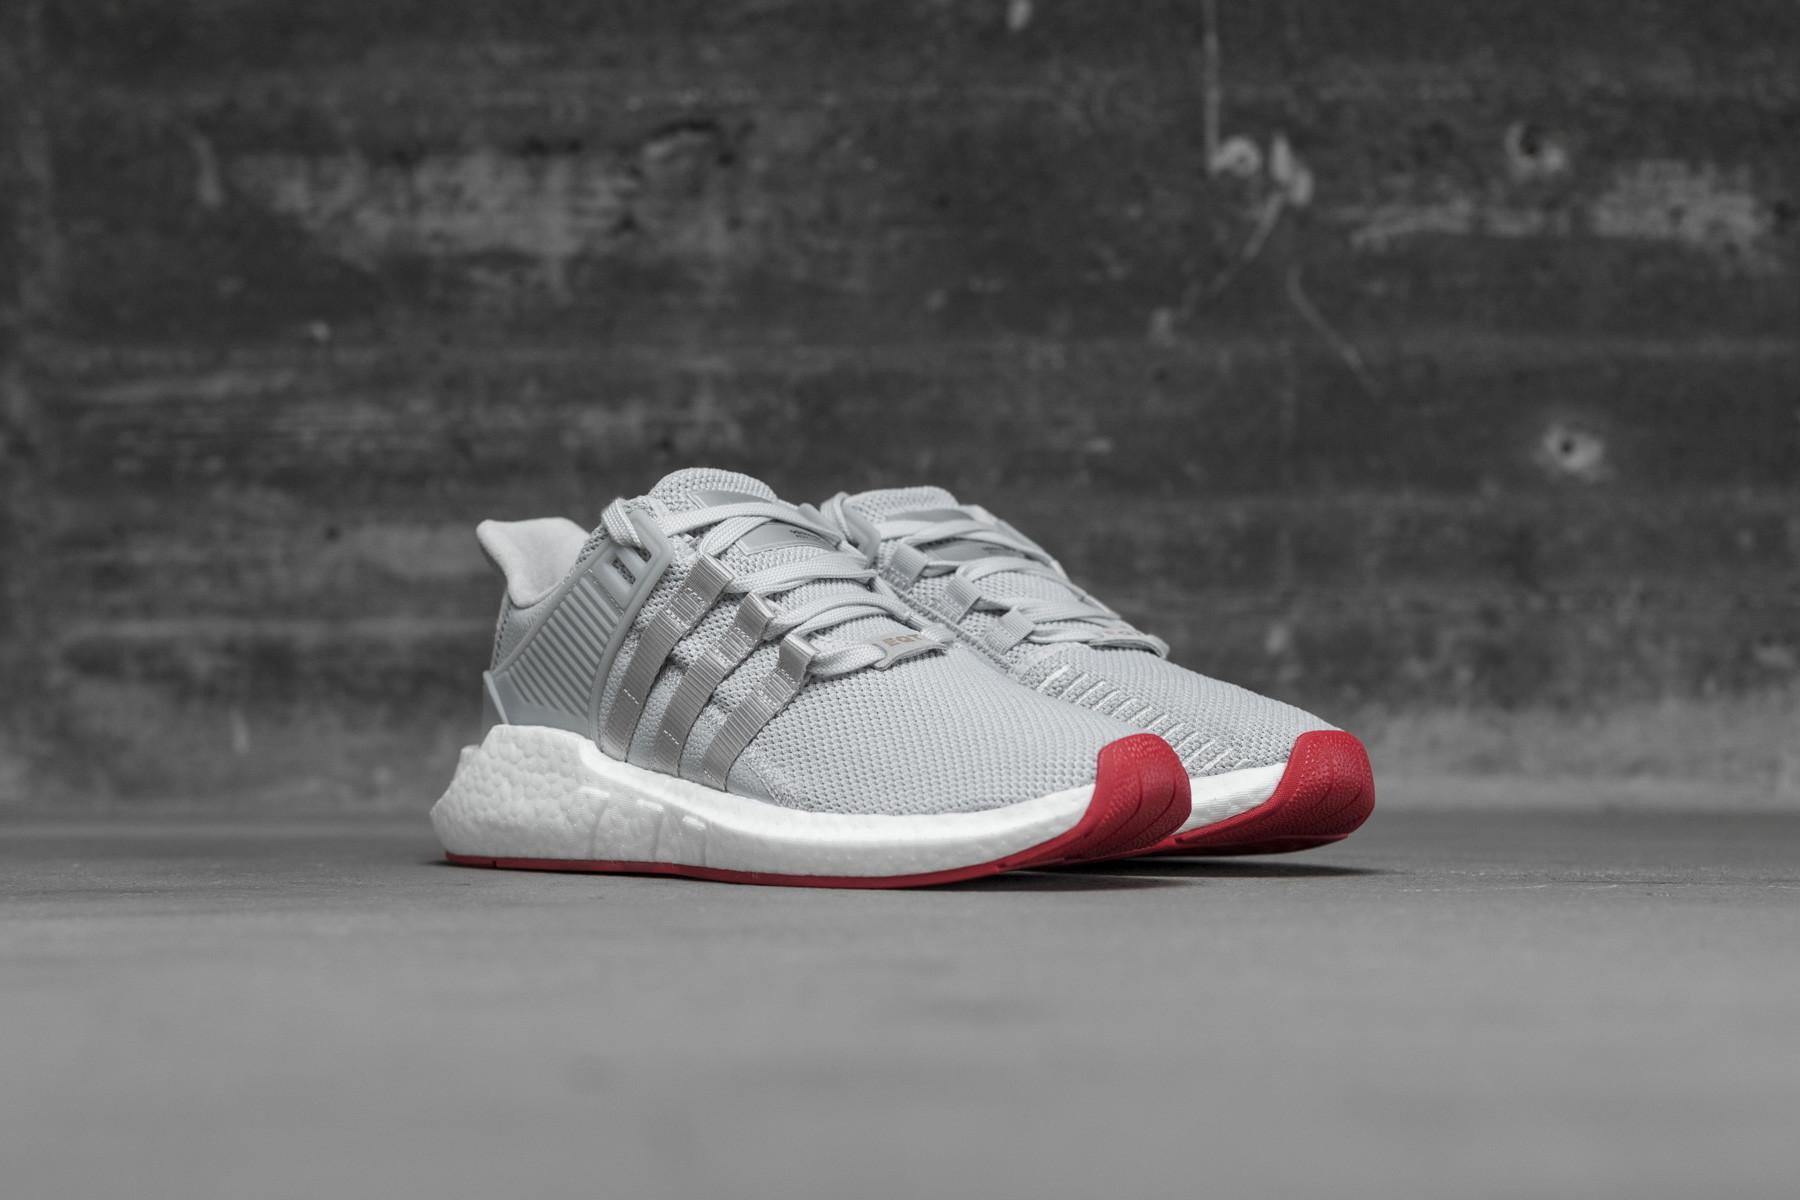 Adidas EQT Support 9317 Sneaker.no